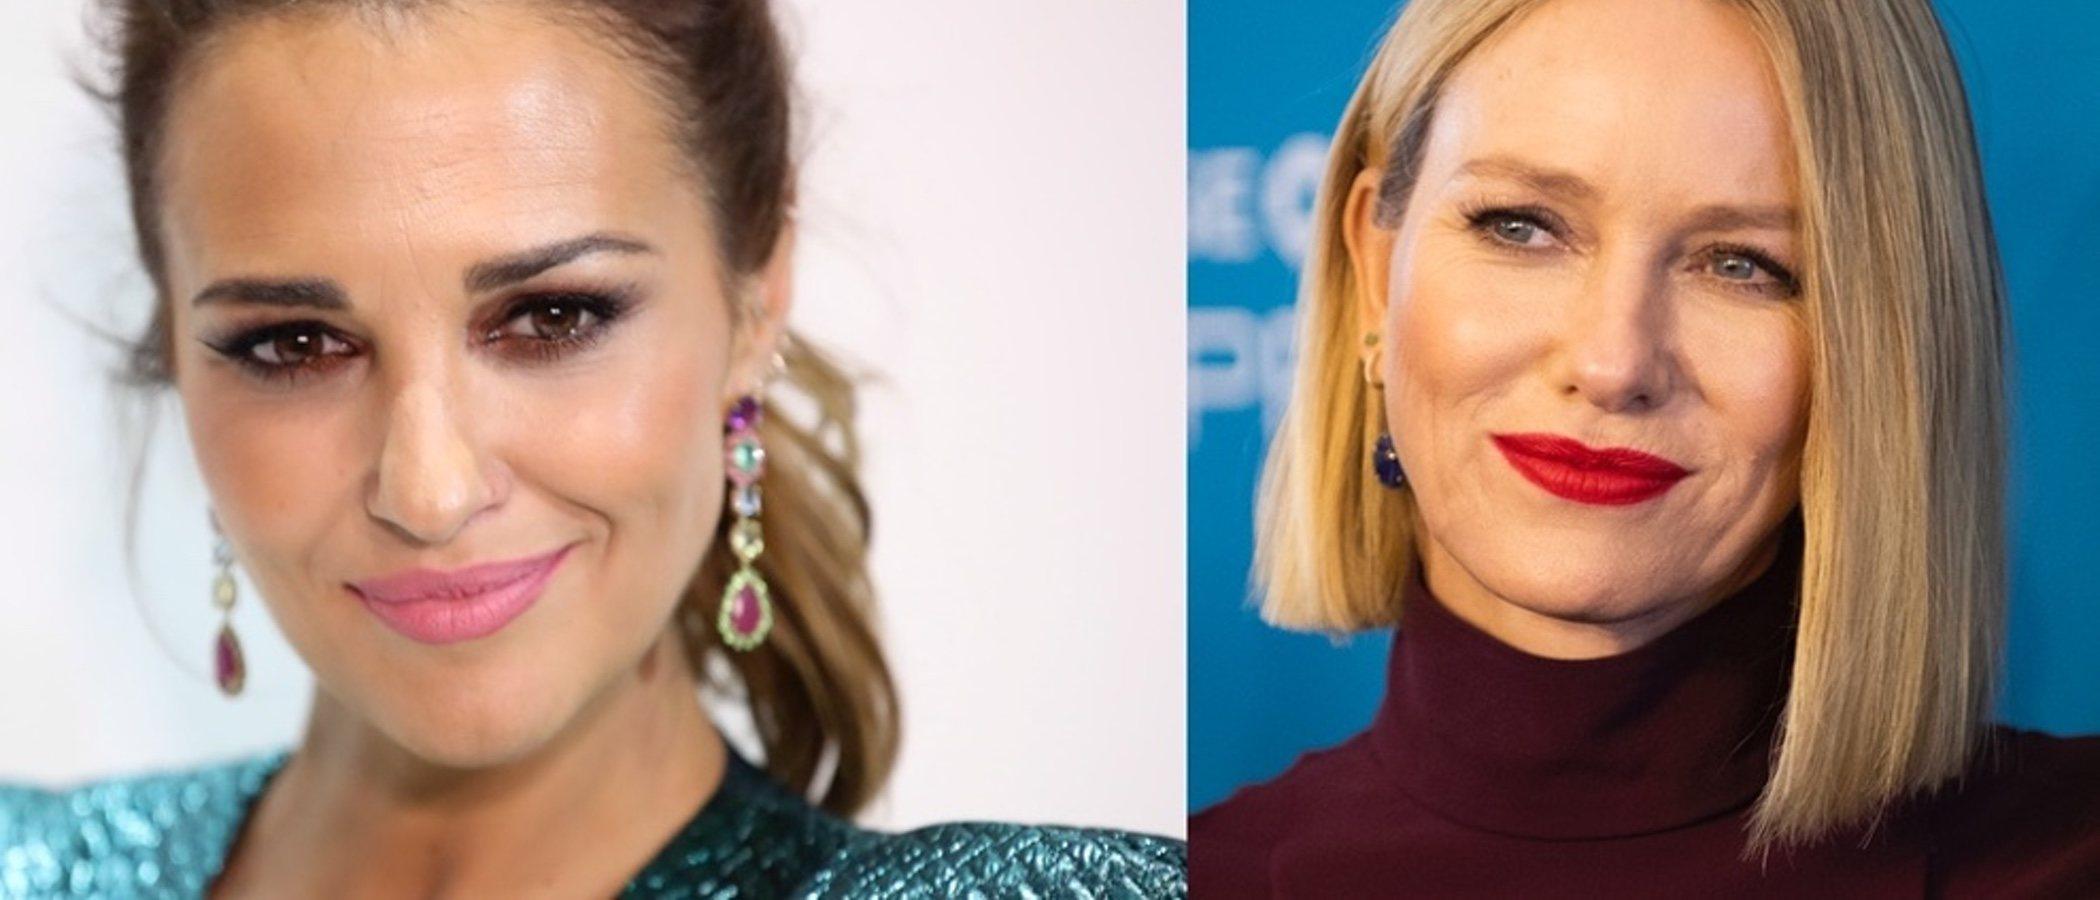 Paula Echevarría y Naomi Watts lucen los mejores beauty looks de la semana